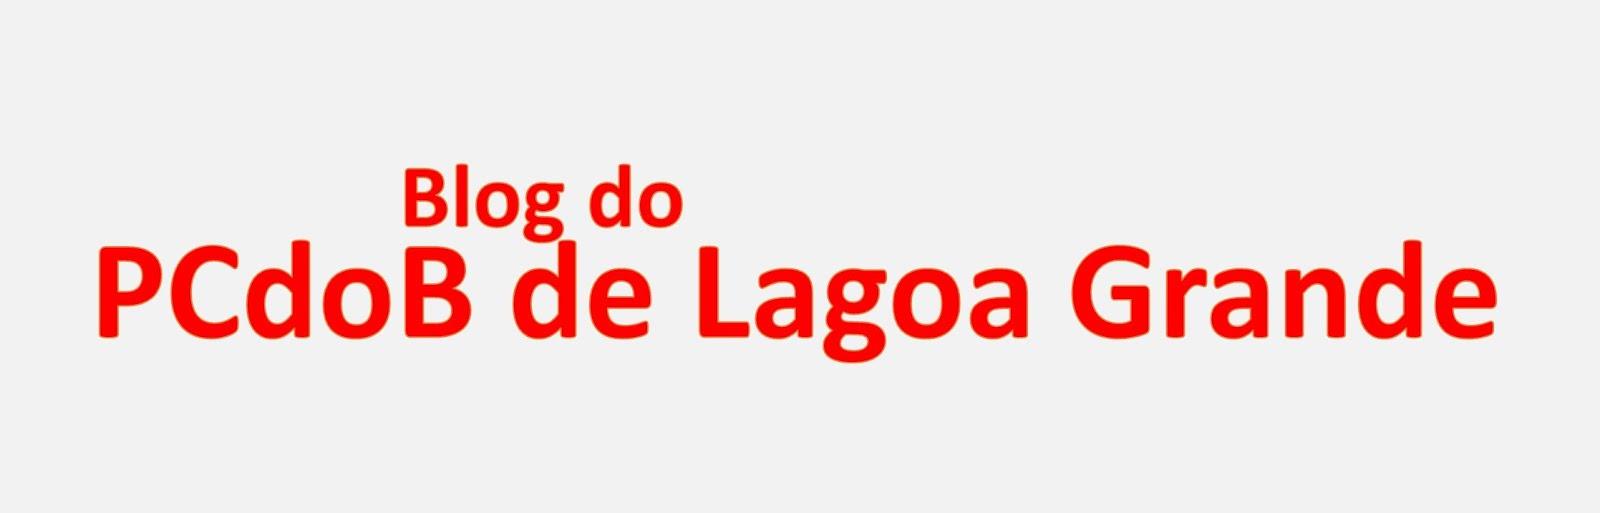 PCdoB de Lagoa Grande